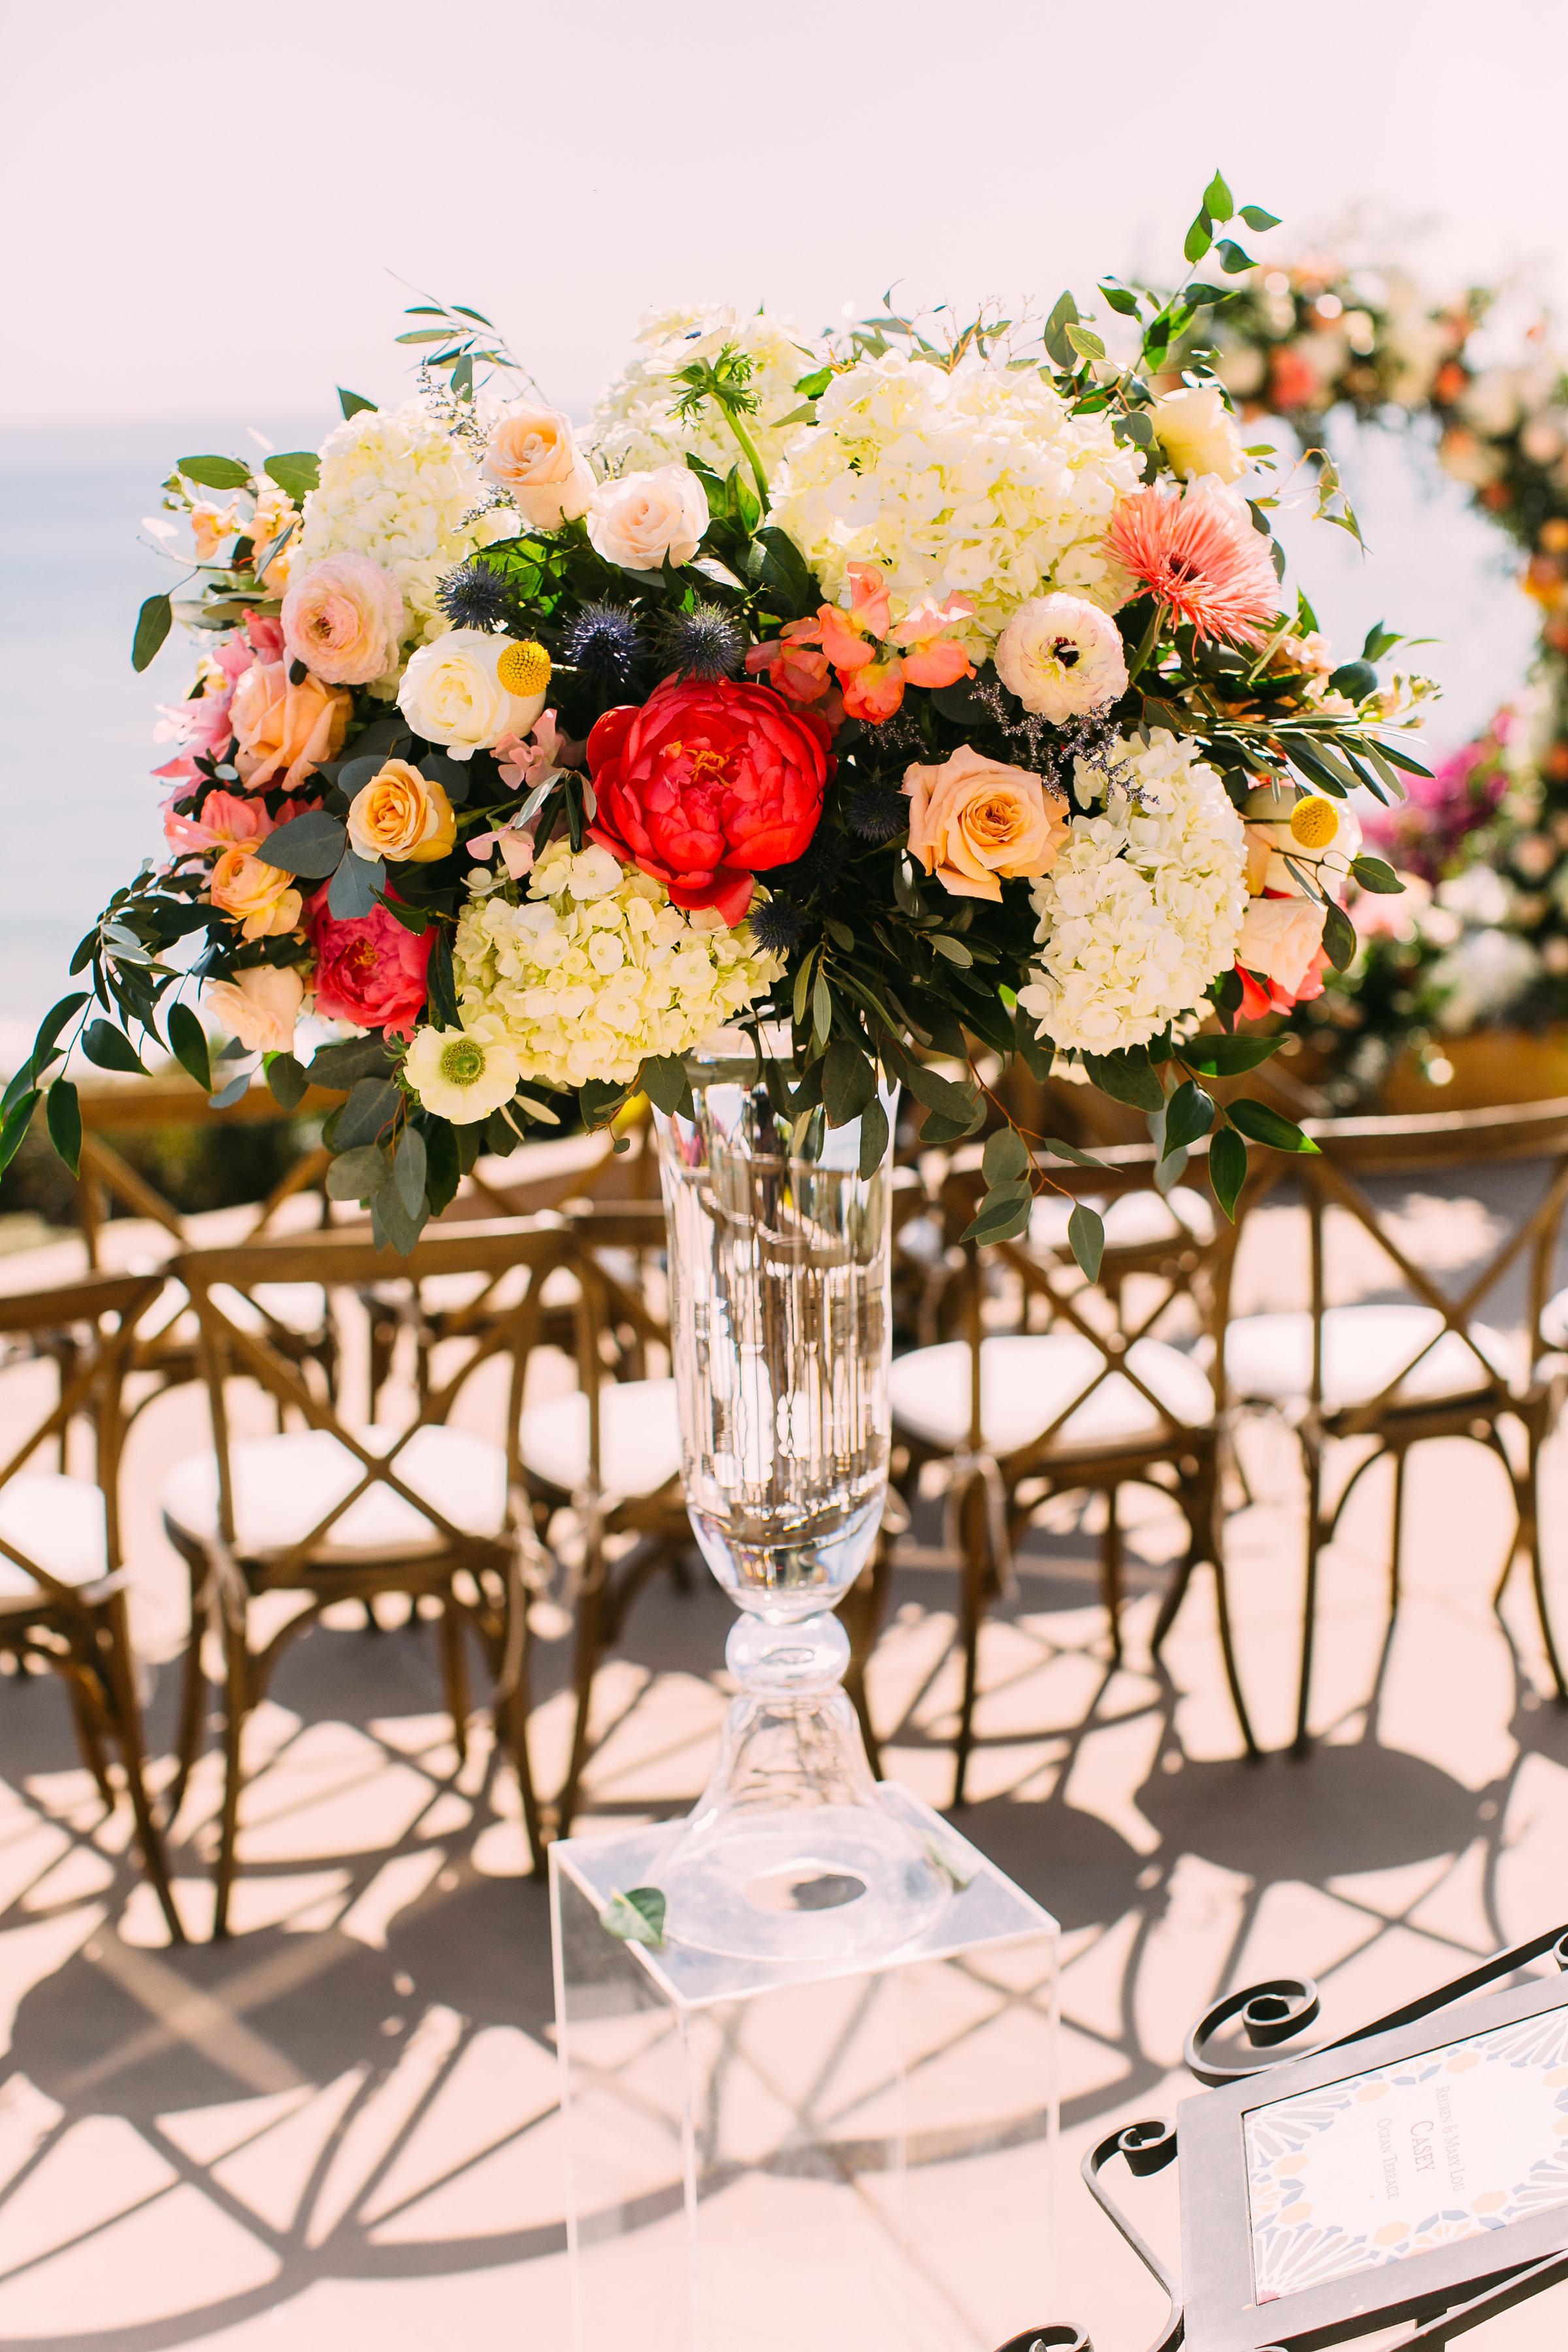 Nicholson-wedding-4-14-18_393.jpg